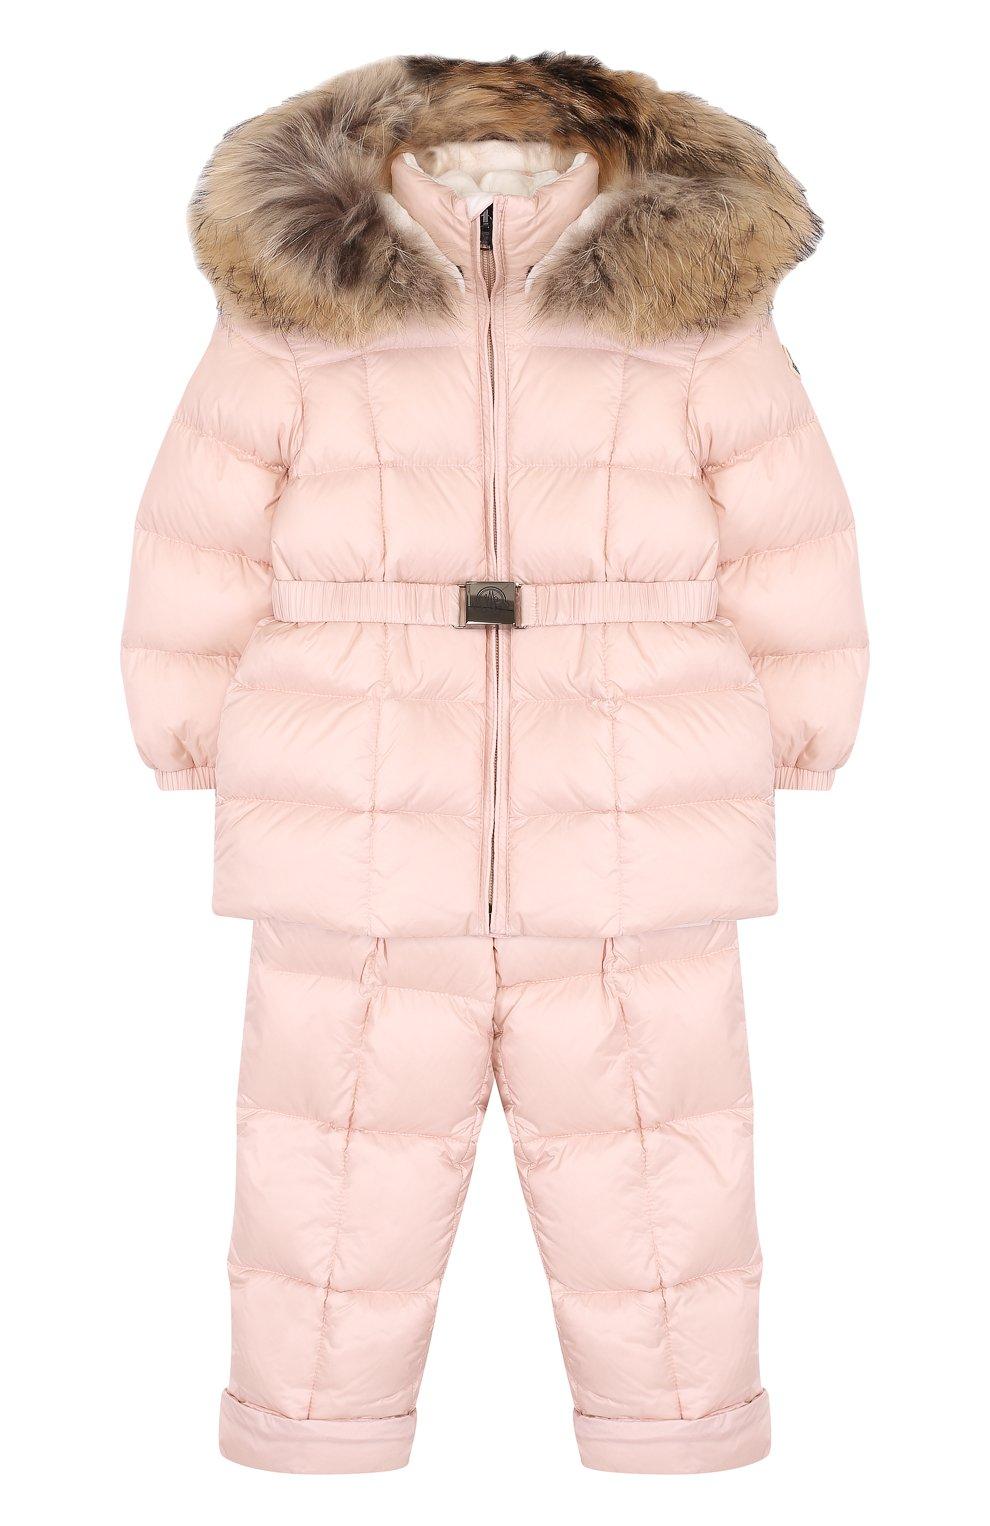 Детский комплект из пуховой куртки и комбинезона на подтяжках MONCLER ENFANT светло-розового цвета, арт. D2-951-70336-25-53048 | Фото 1